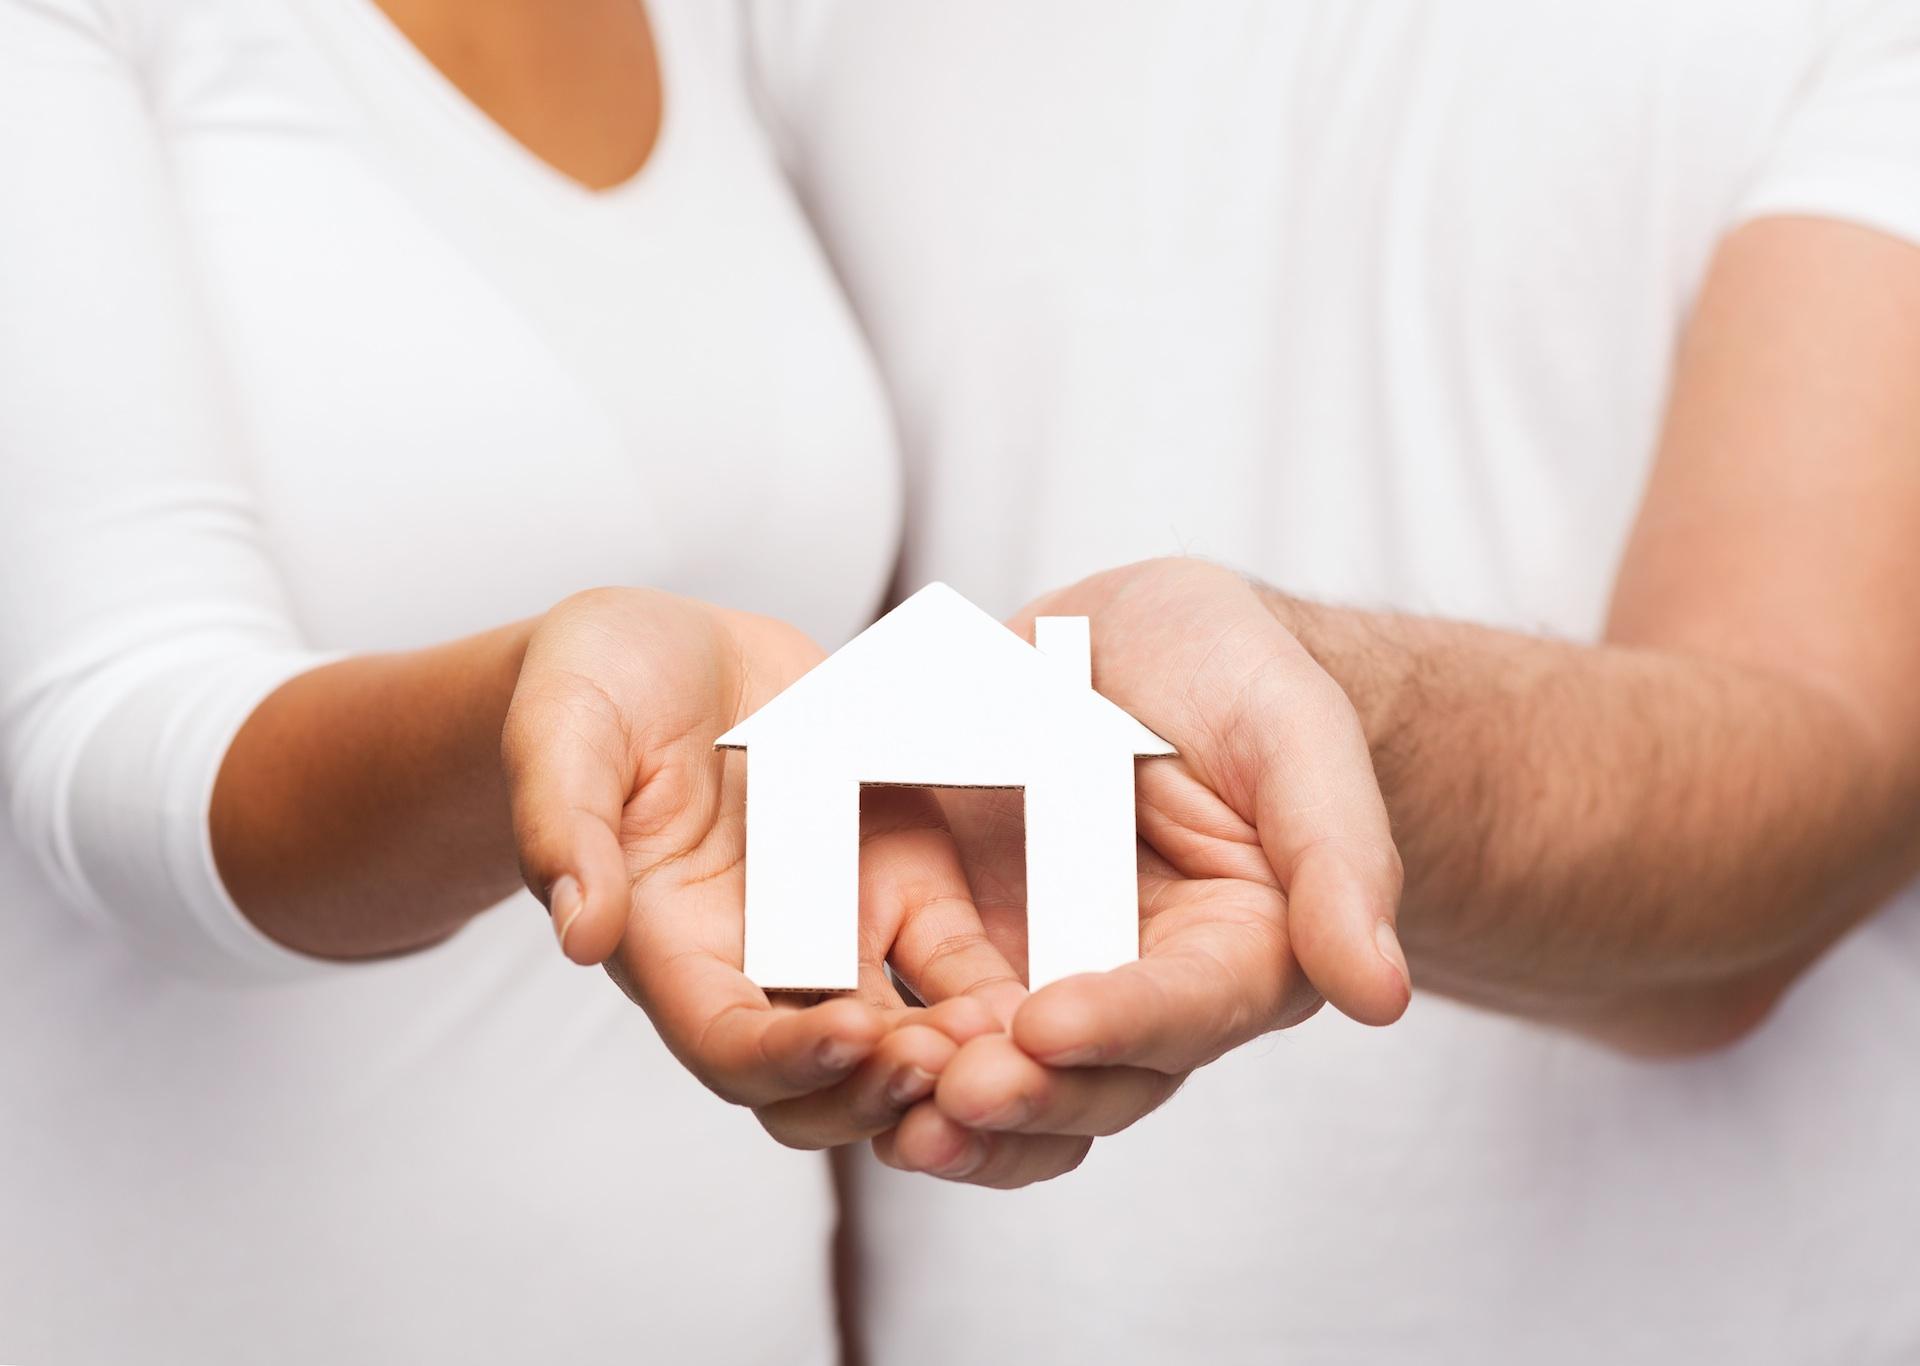 Cuatro malos consejos que tienes que evitar en la compra de una vivienda